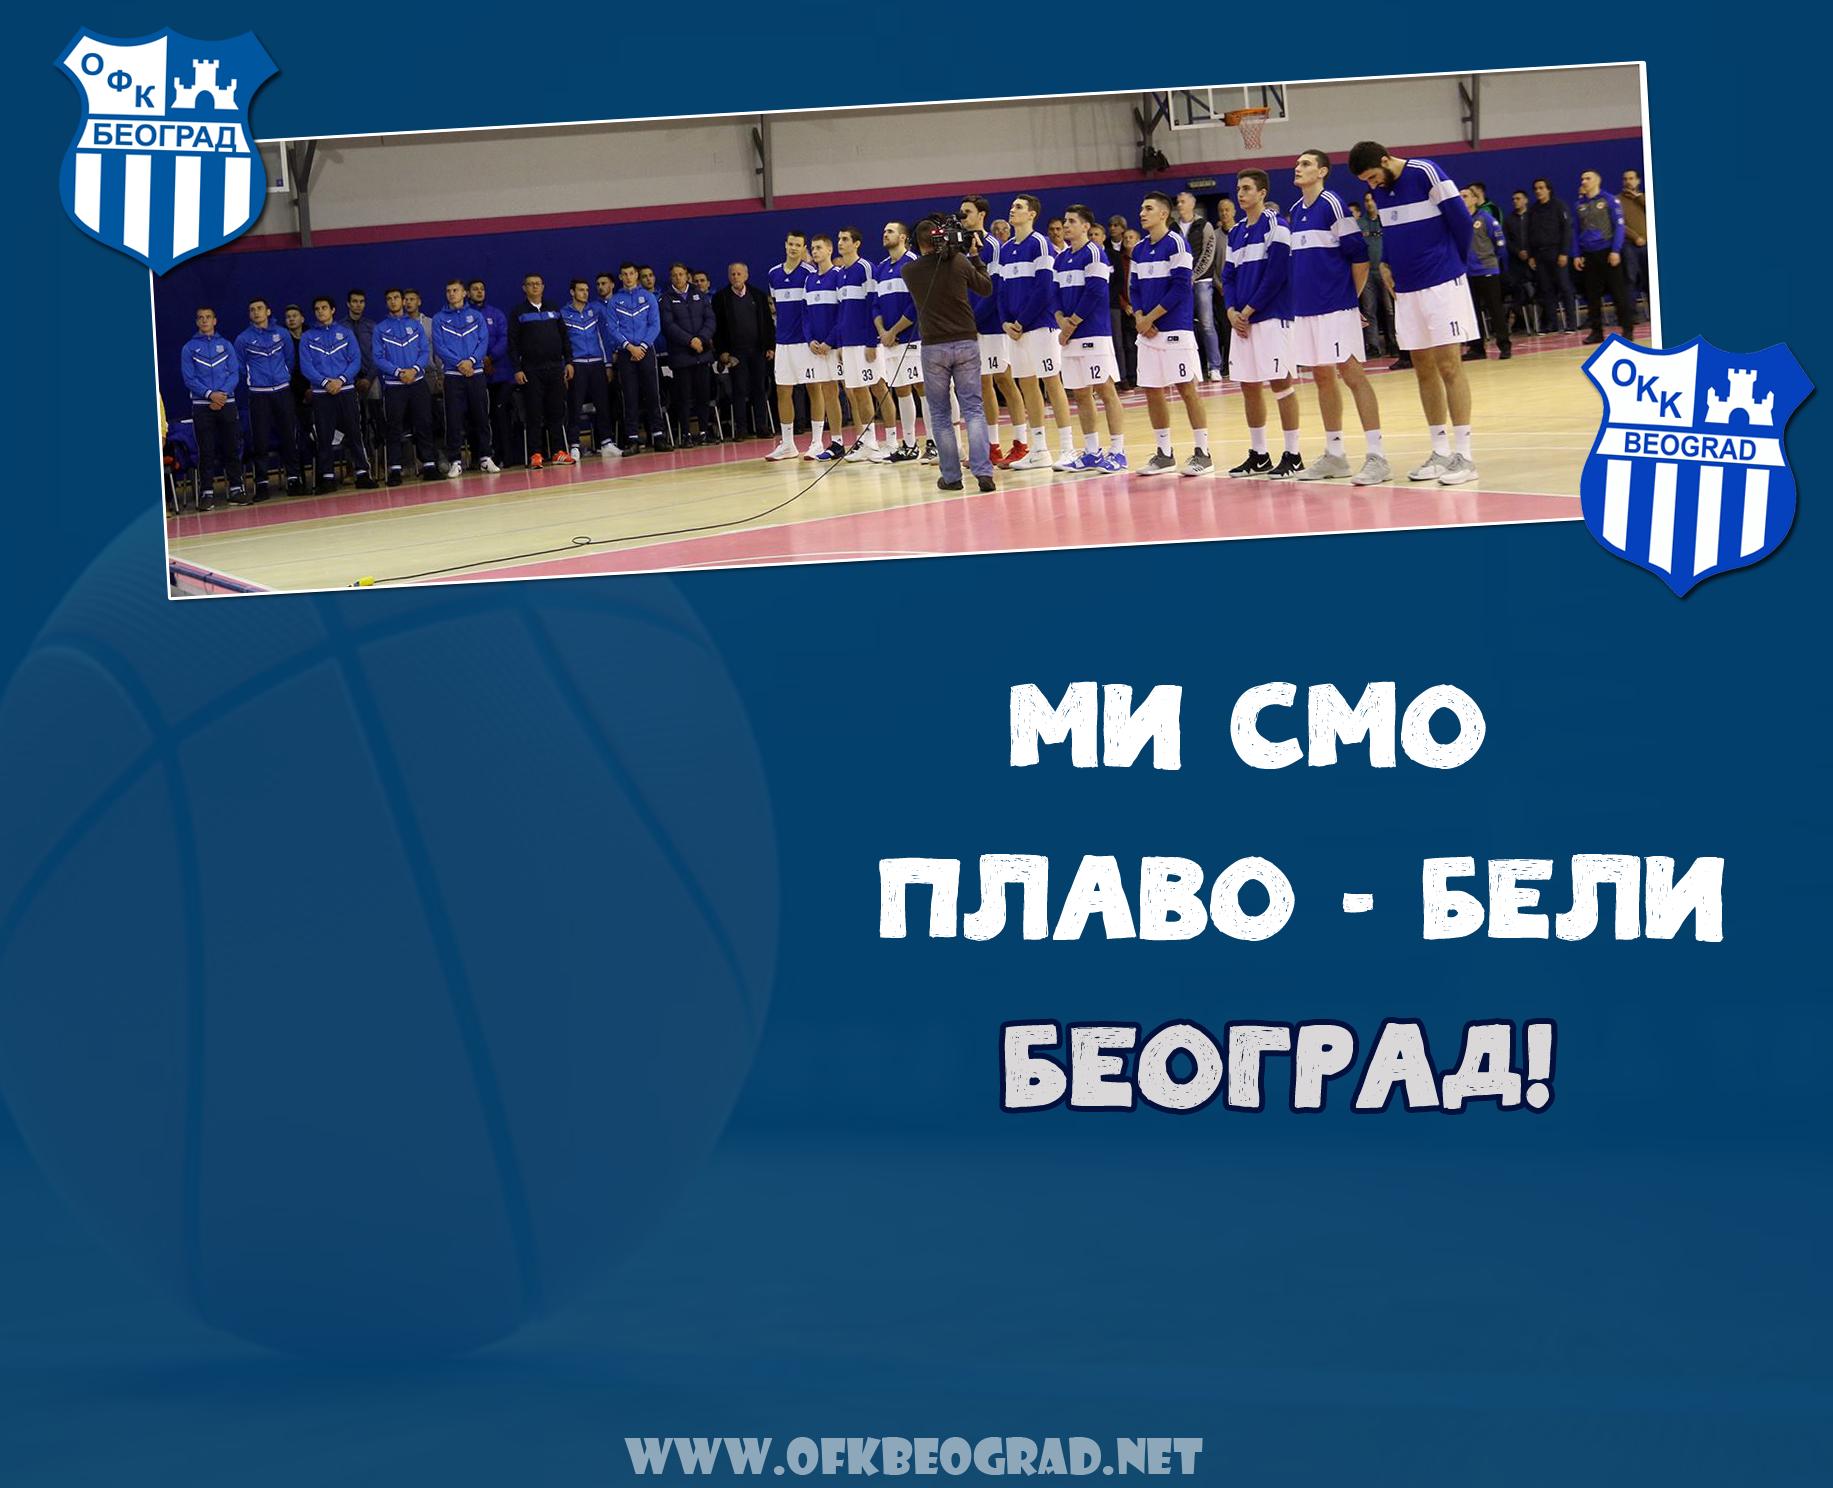 Фудбалери подржали кошаркаше против Борца. ОКК не стаје, сутра у Ваљеву!